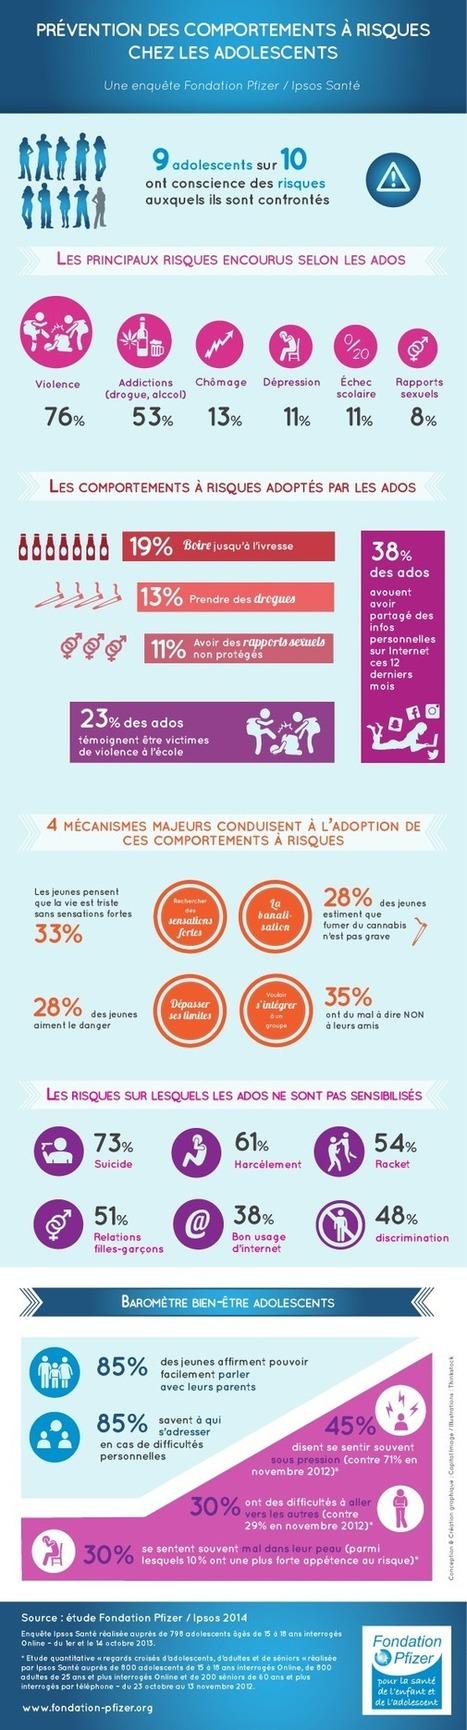 Infographie : comportements à risque chez les adolescents | INFOS SANTE DIVERSES | Scoop.it